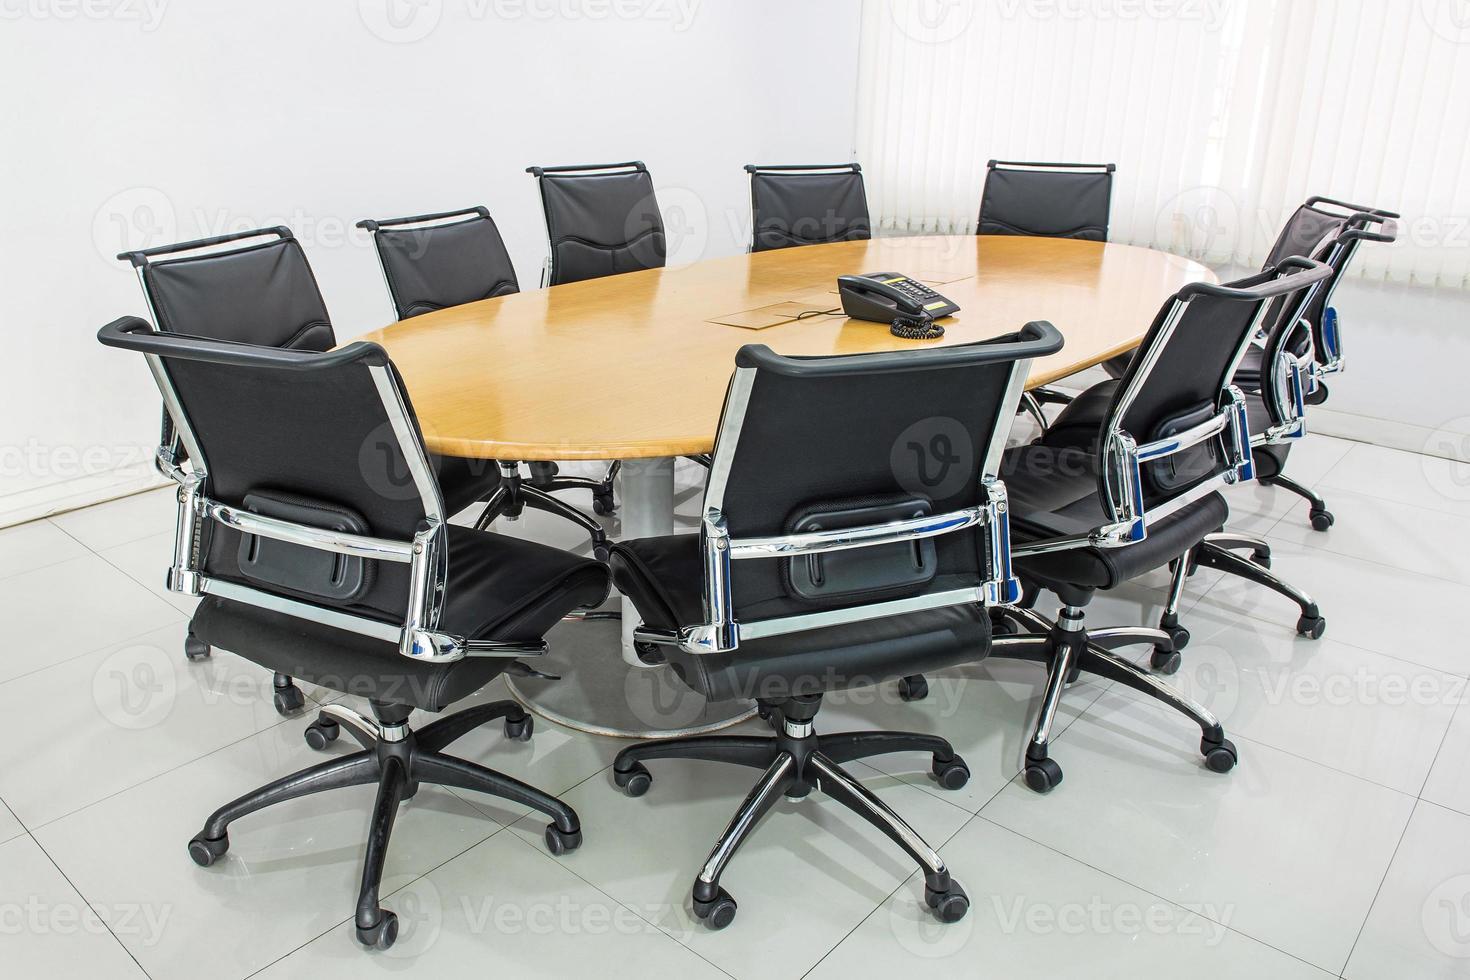 table de réunion et poils noirs dans la salle de réunion photo